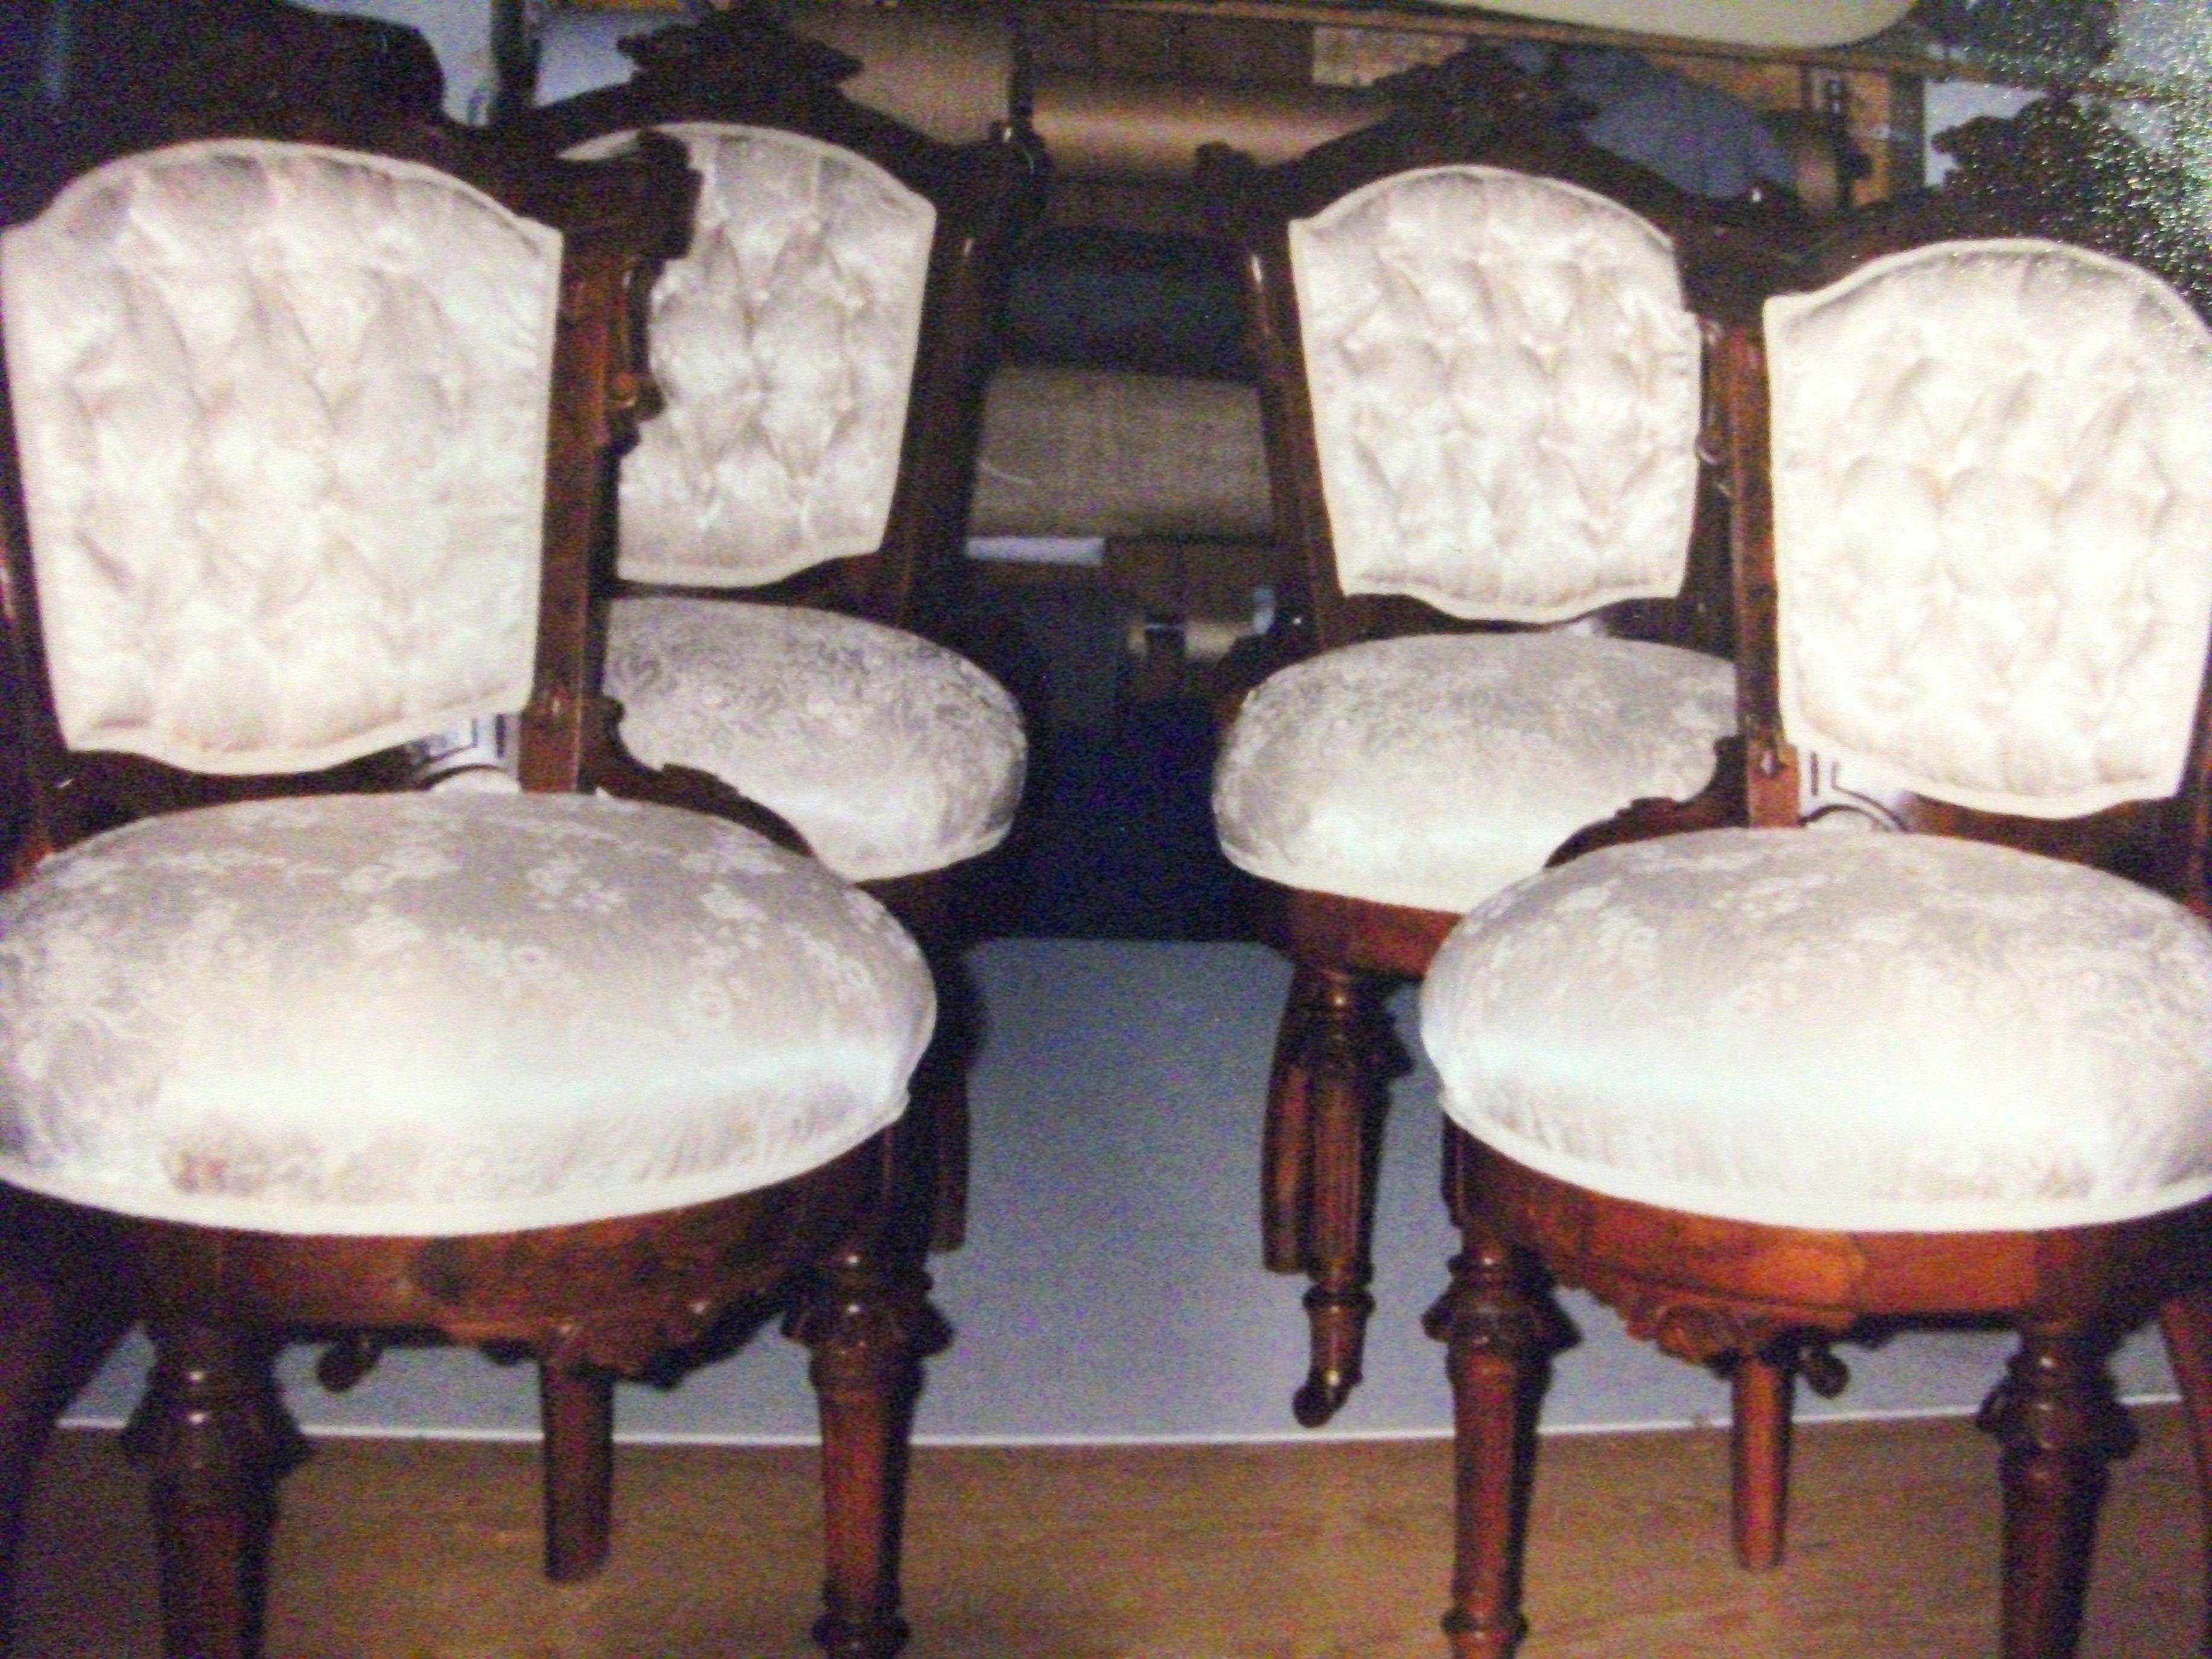 rembourreur marc gillis rembourrage de meubles antiques et anciens montr al rive sud qu bec. Black Bedroom Furniture Sets. Home Design Ideas